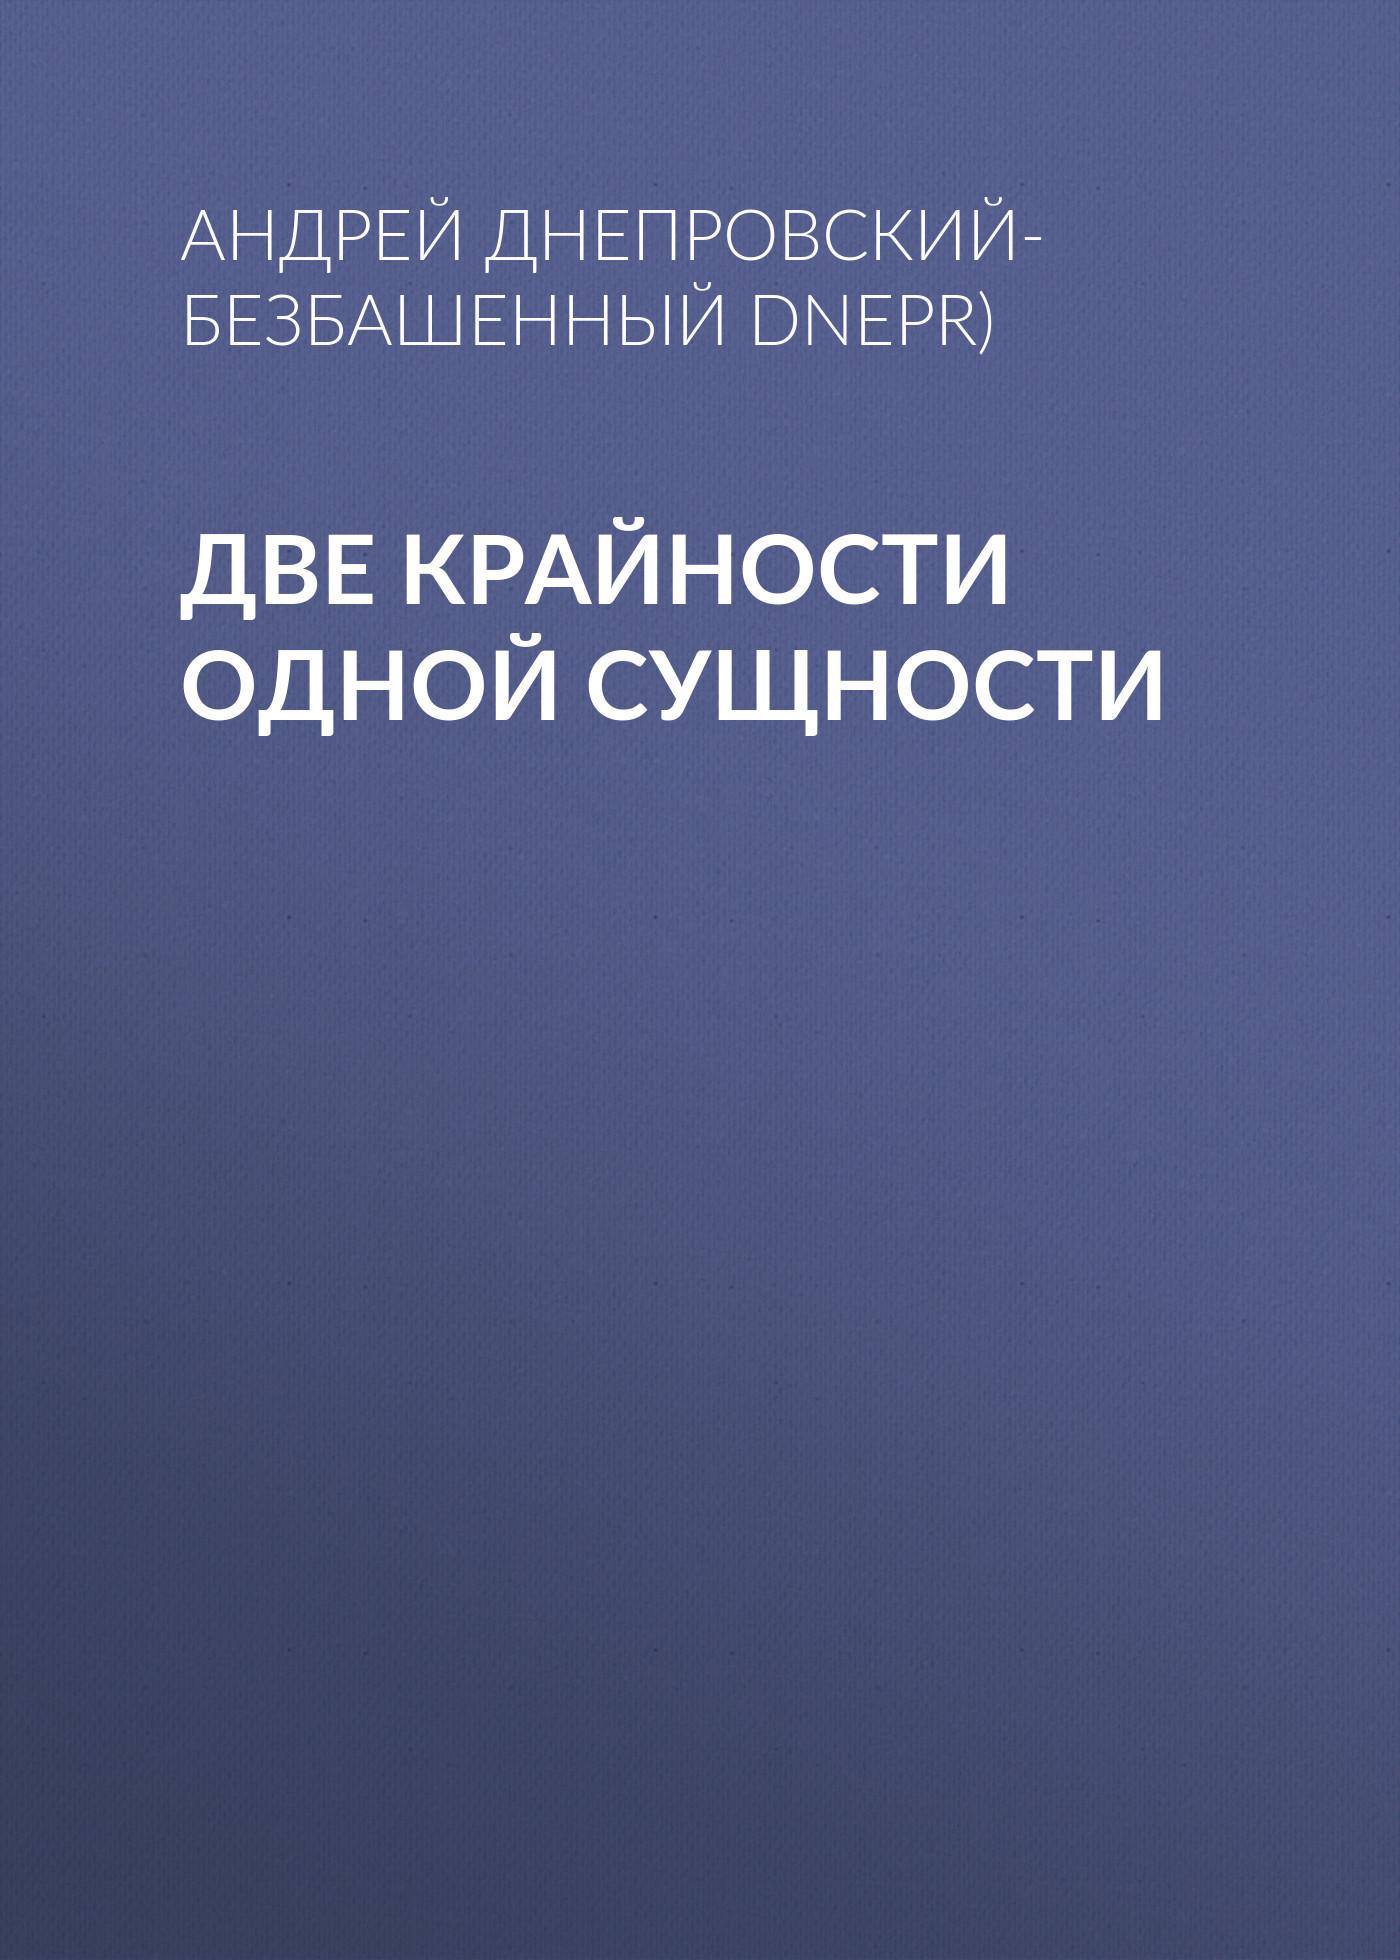 Андрей Днепровский-Безбашенный (A.DNEPR) Две крайности одной сущности андрей битов текст как текст